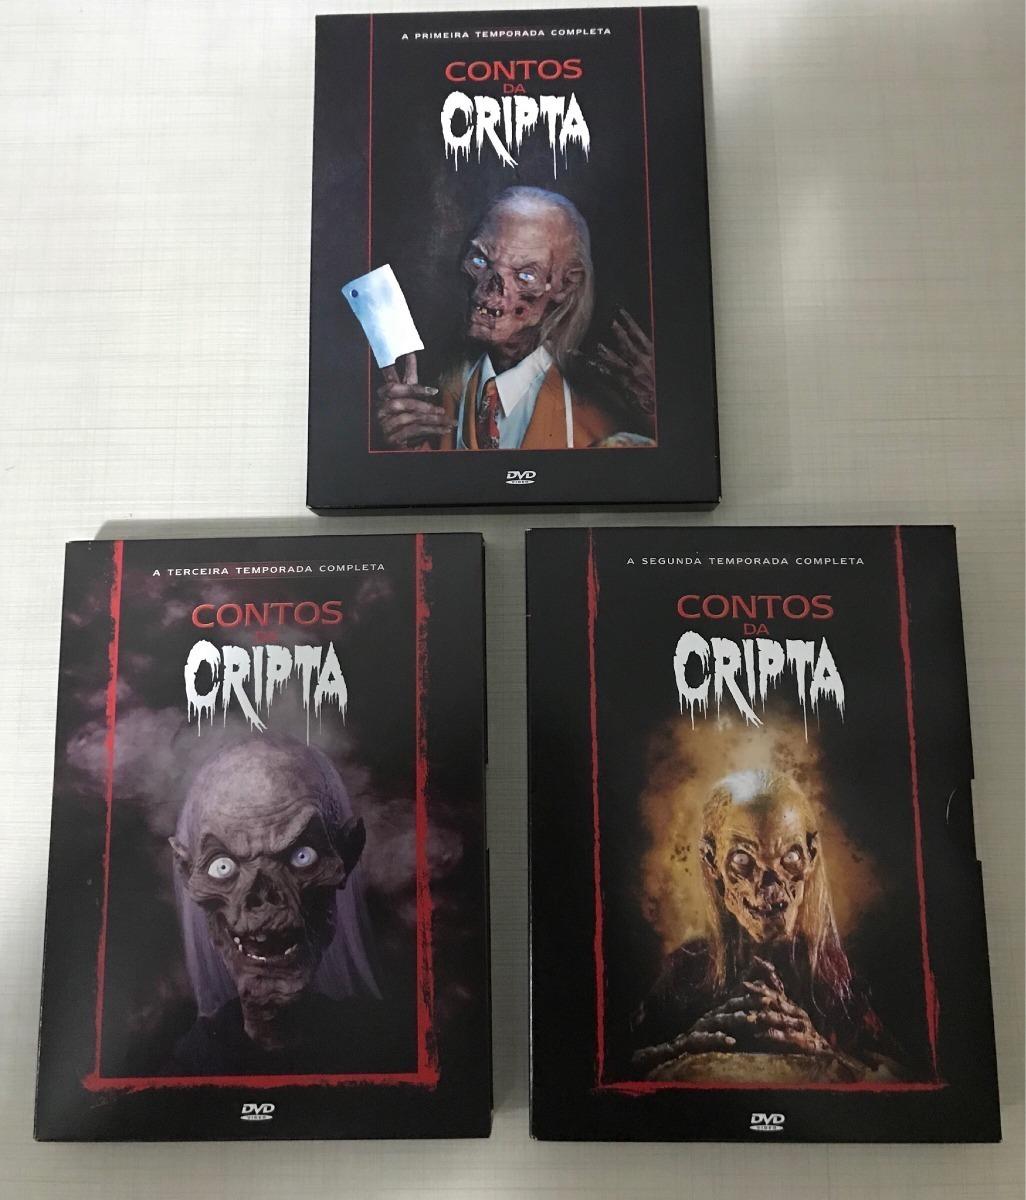 filmes gratis contos da cripta